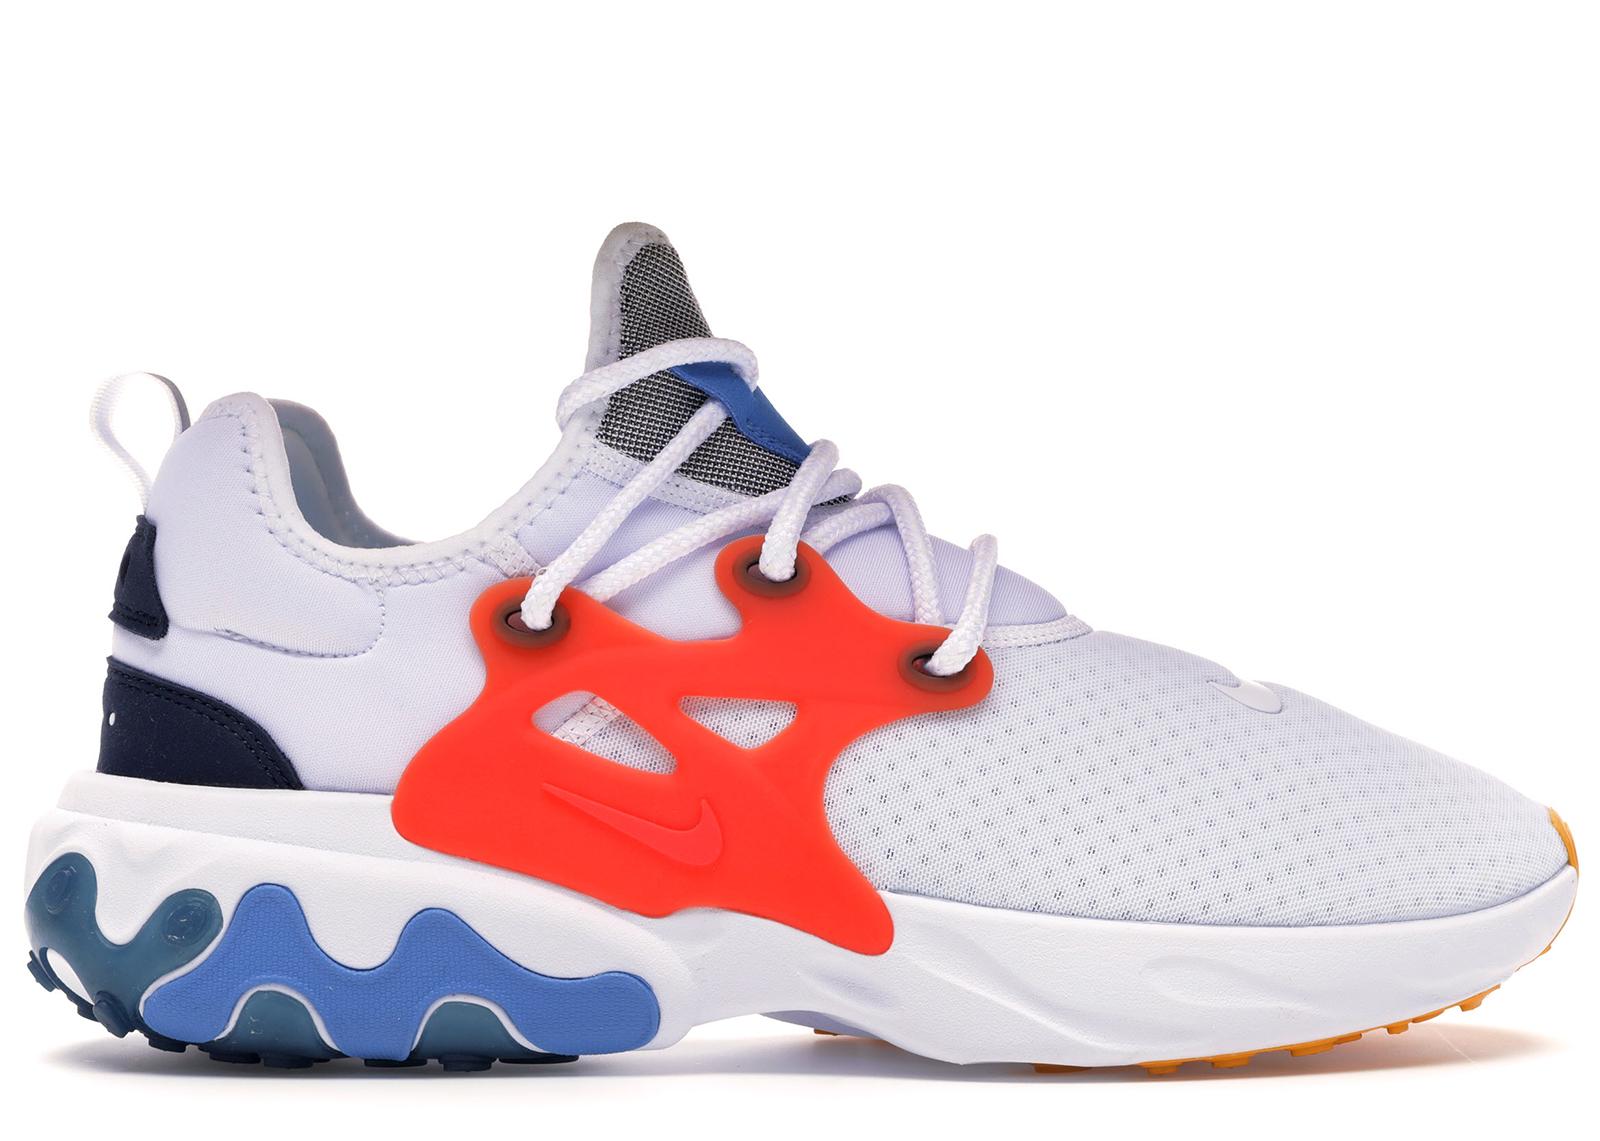 Nike React Presto White Habanero Red